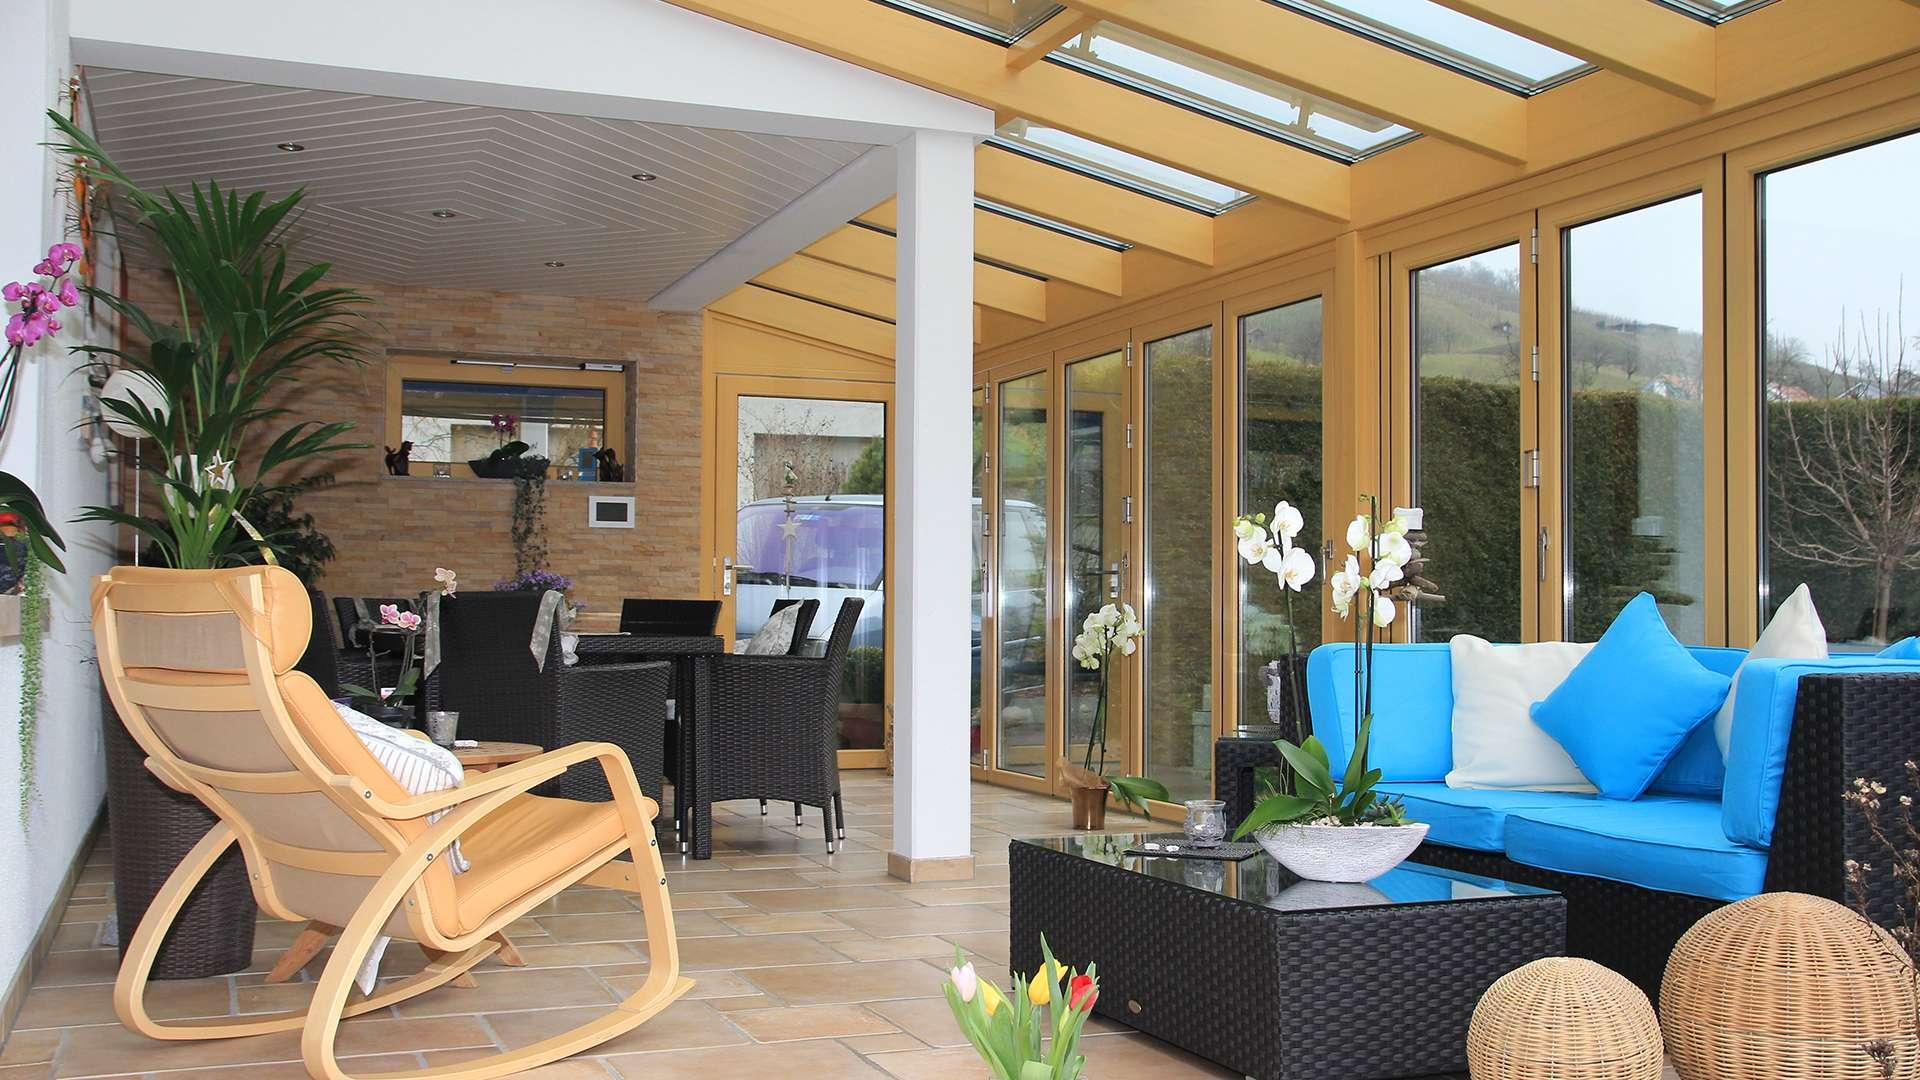 Blick in einen Wintergarten aus Holz mit Sofa und Esstisch im inneren